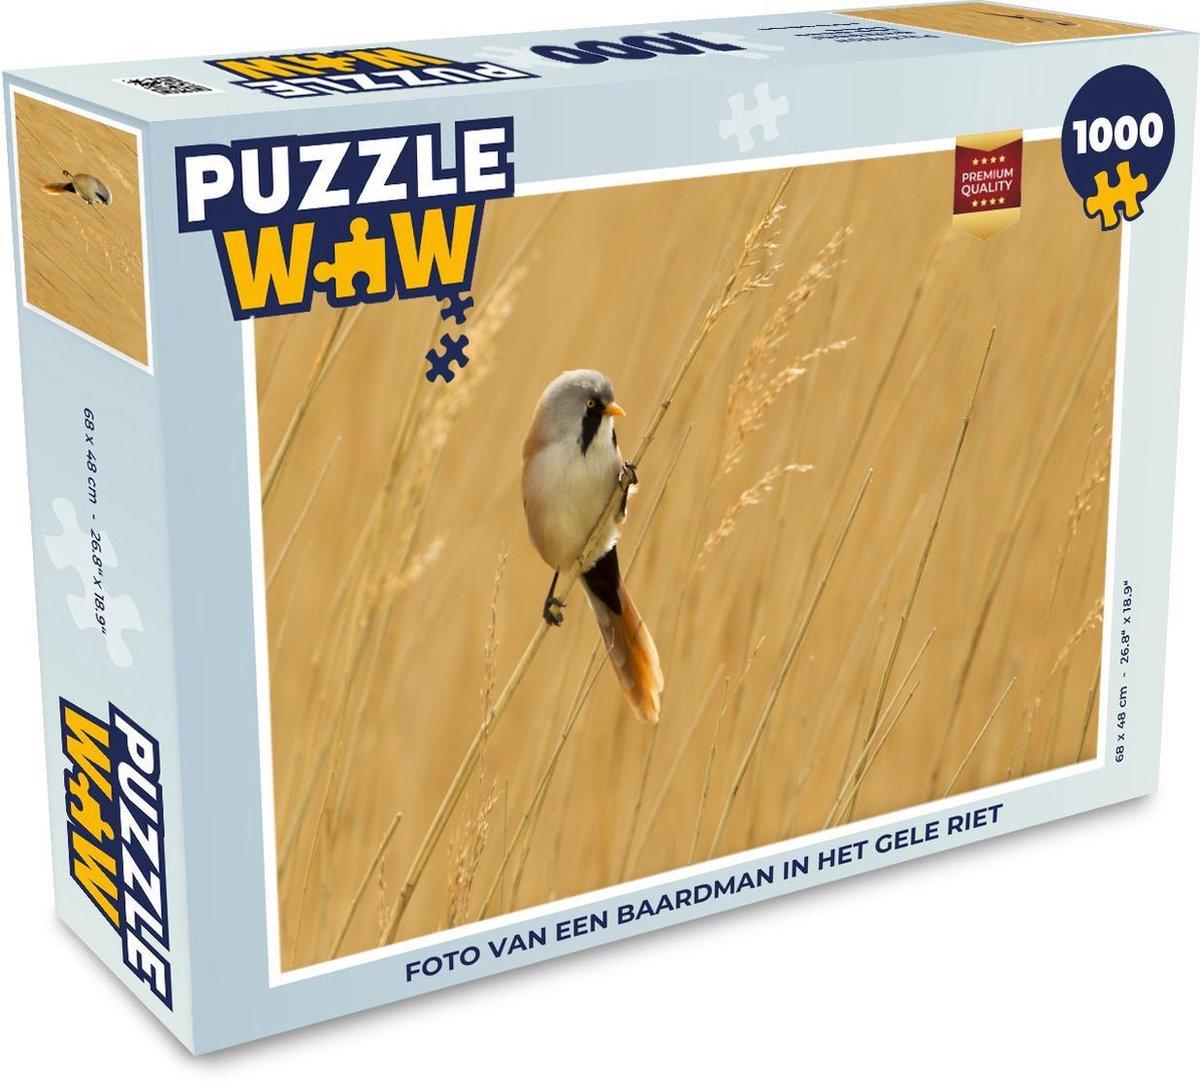 Puzzel 1000 stukjes volwassenen Baardman 1000 stukjes - Foto van een baardman in het gele riet  - PuzzleWow heeft +100000 puzzels